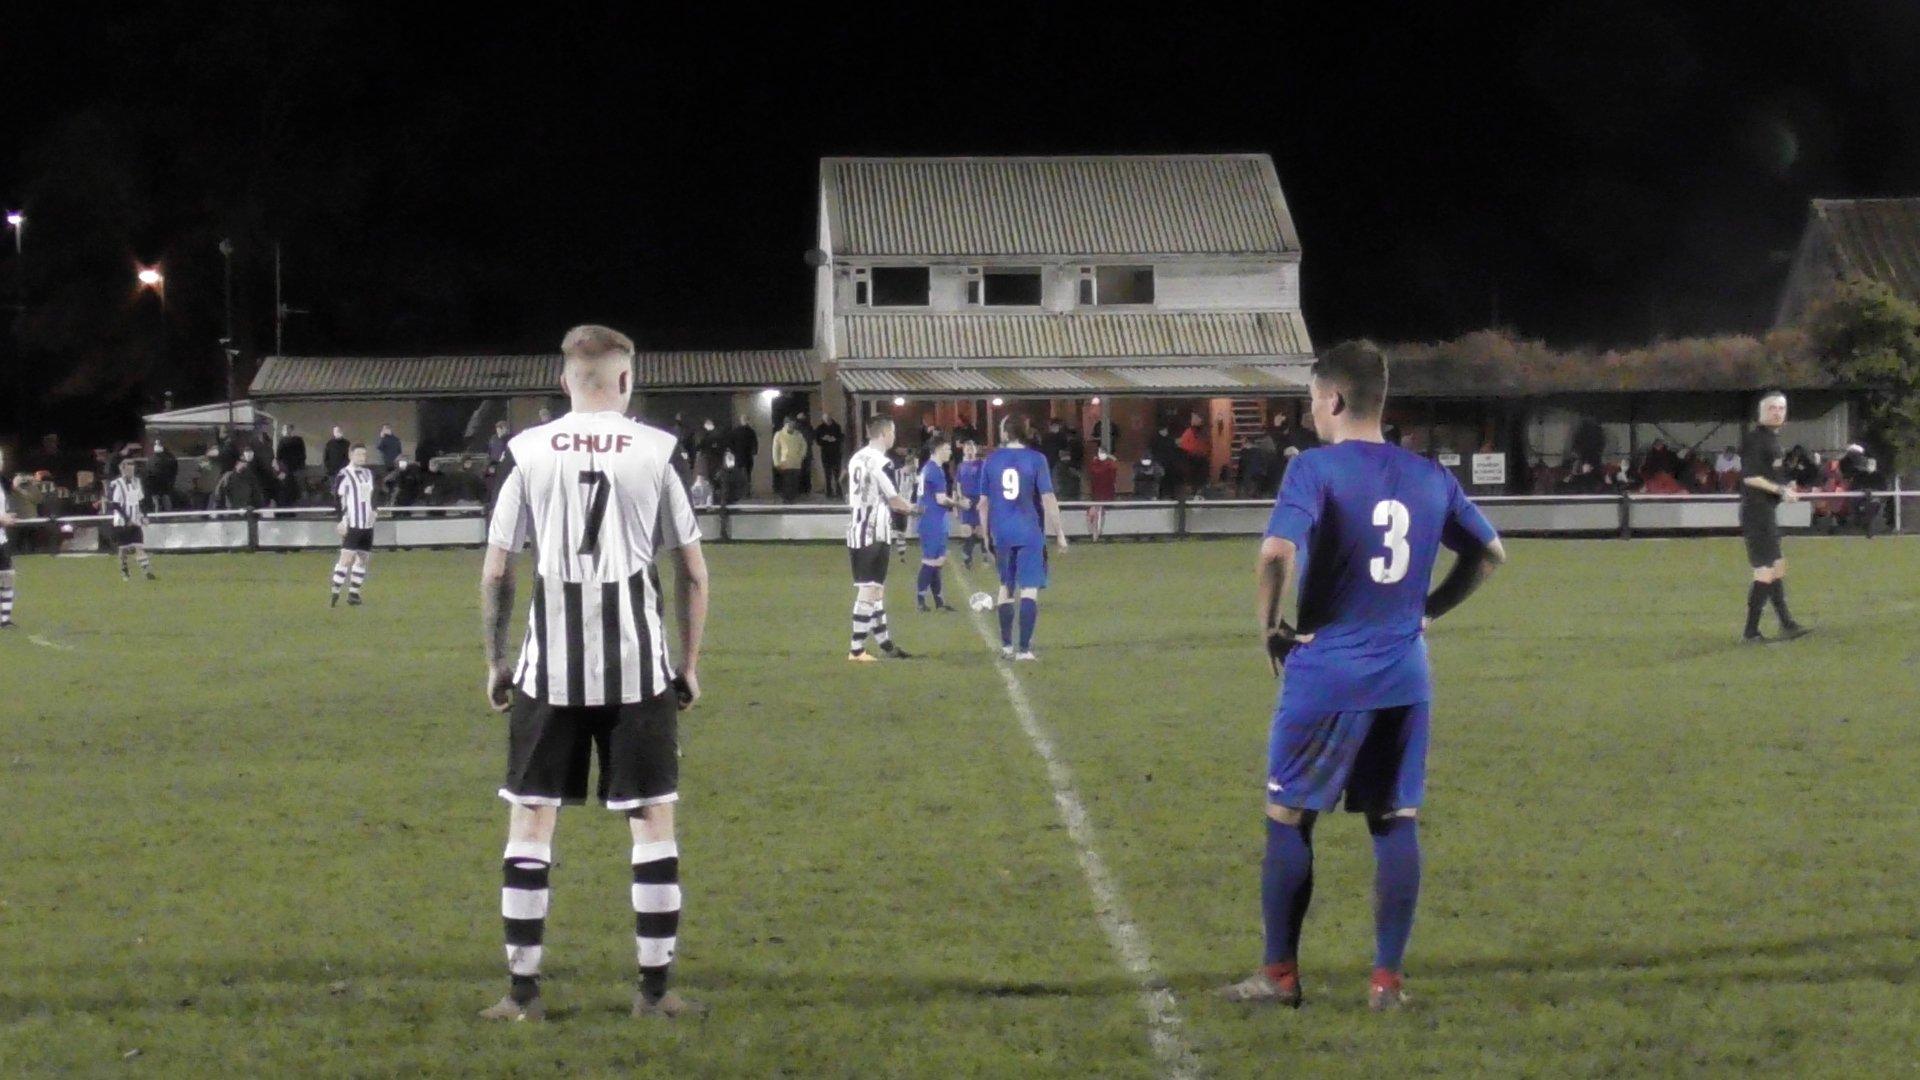 Heaton Stan 5-1 Bedlington Terriers – Match Report & Video Highlights